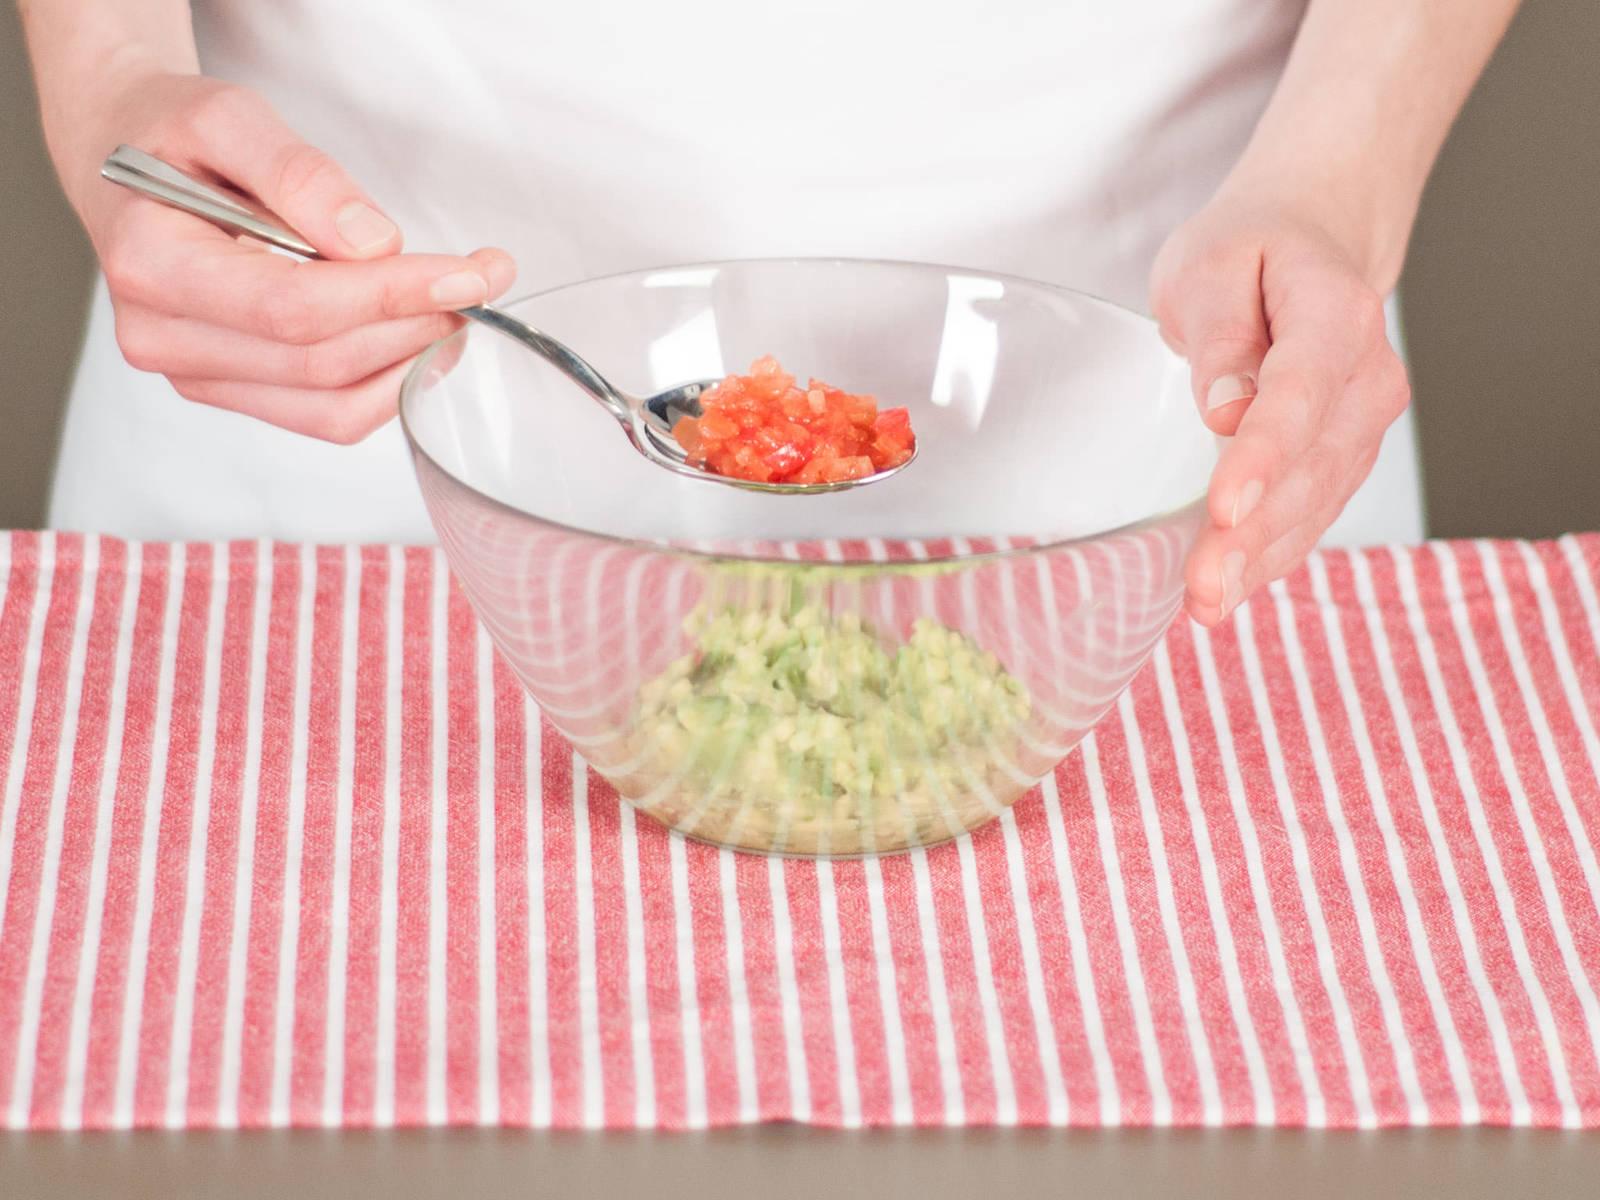 然后加入番茄丁,混合均匀后即可。静置一旁备用。